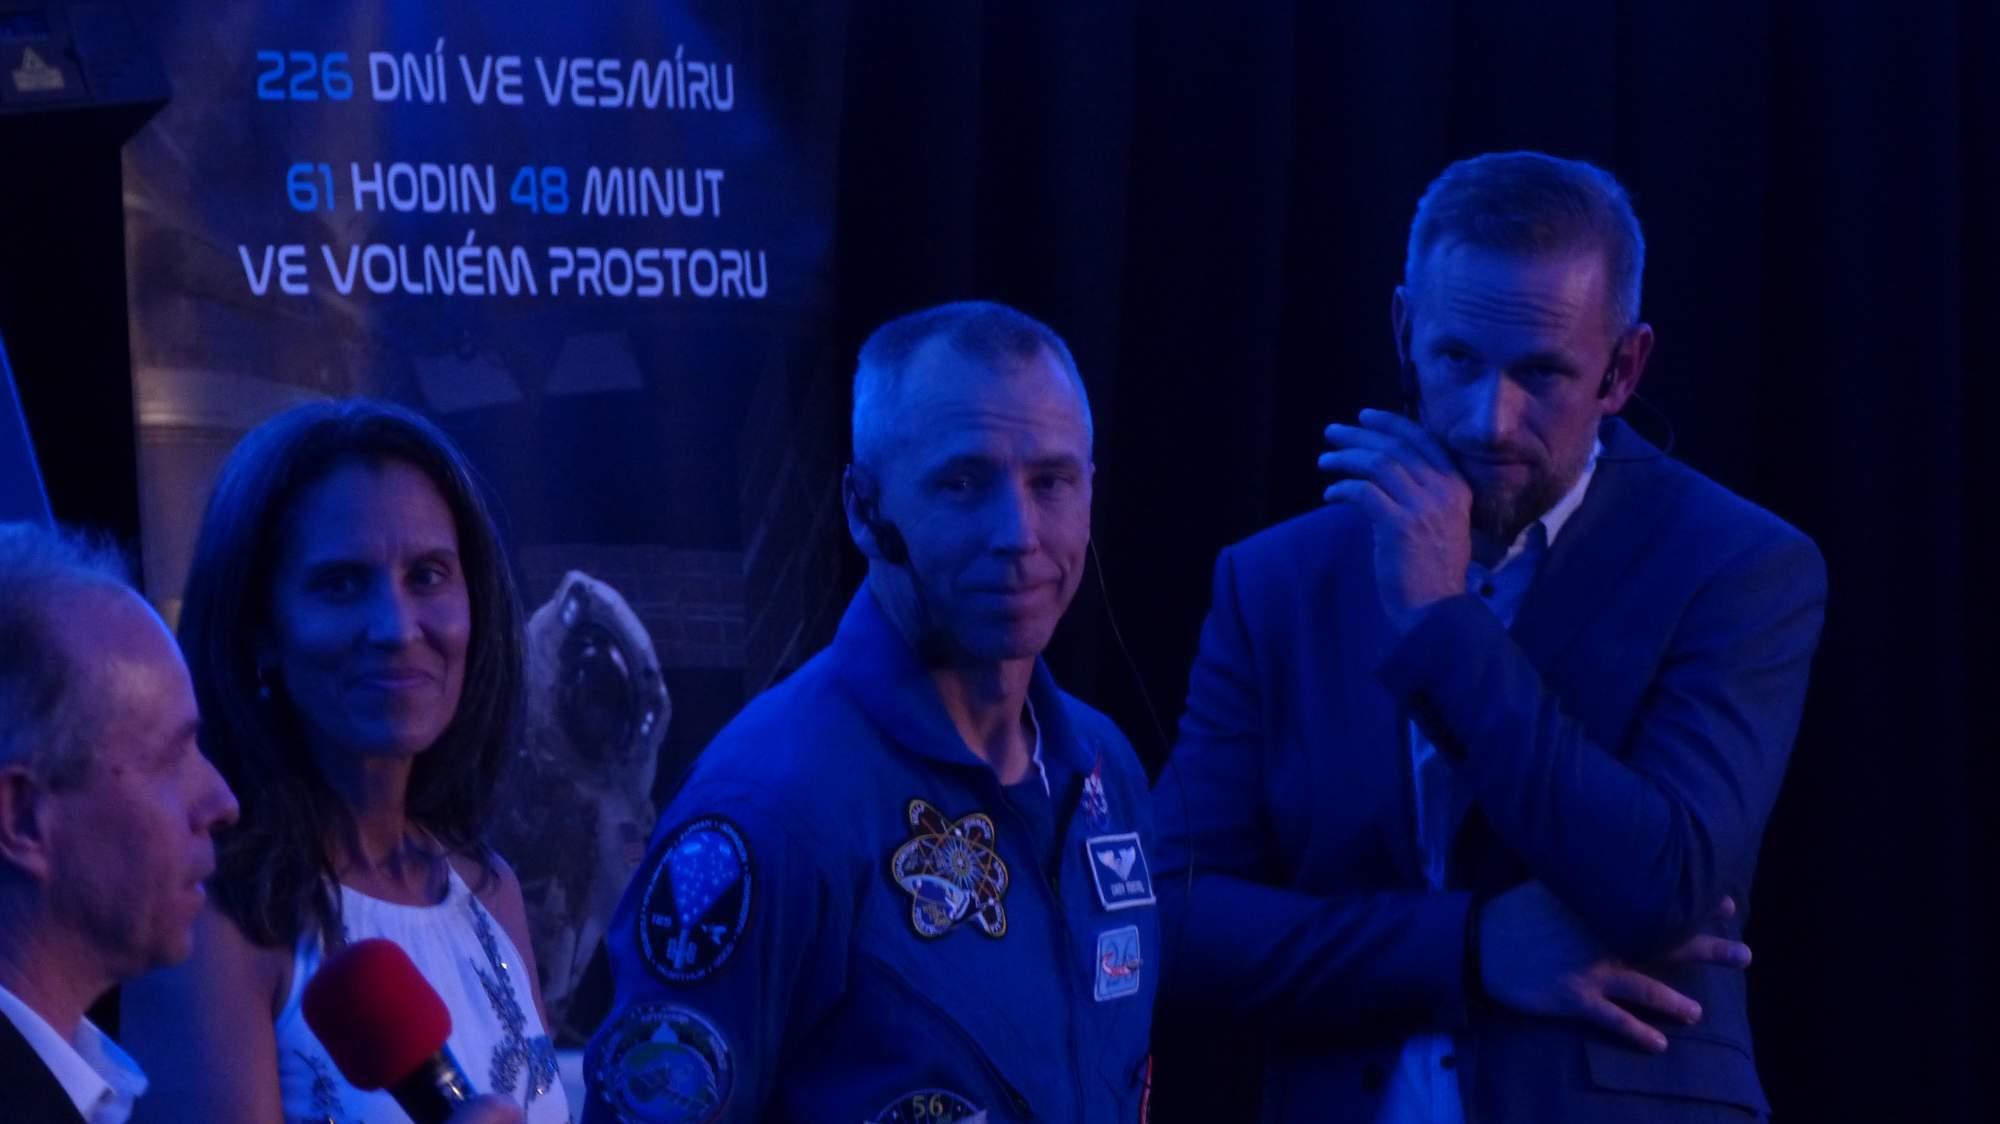 Andrew Feustel na přednášce v brněnském planetáriu. Foto: Ladislav Zouhar.